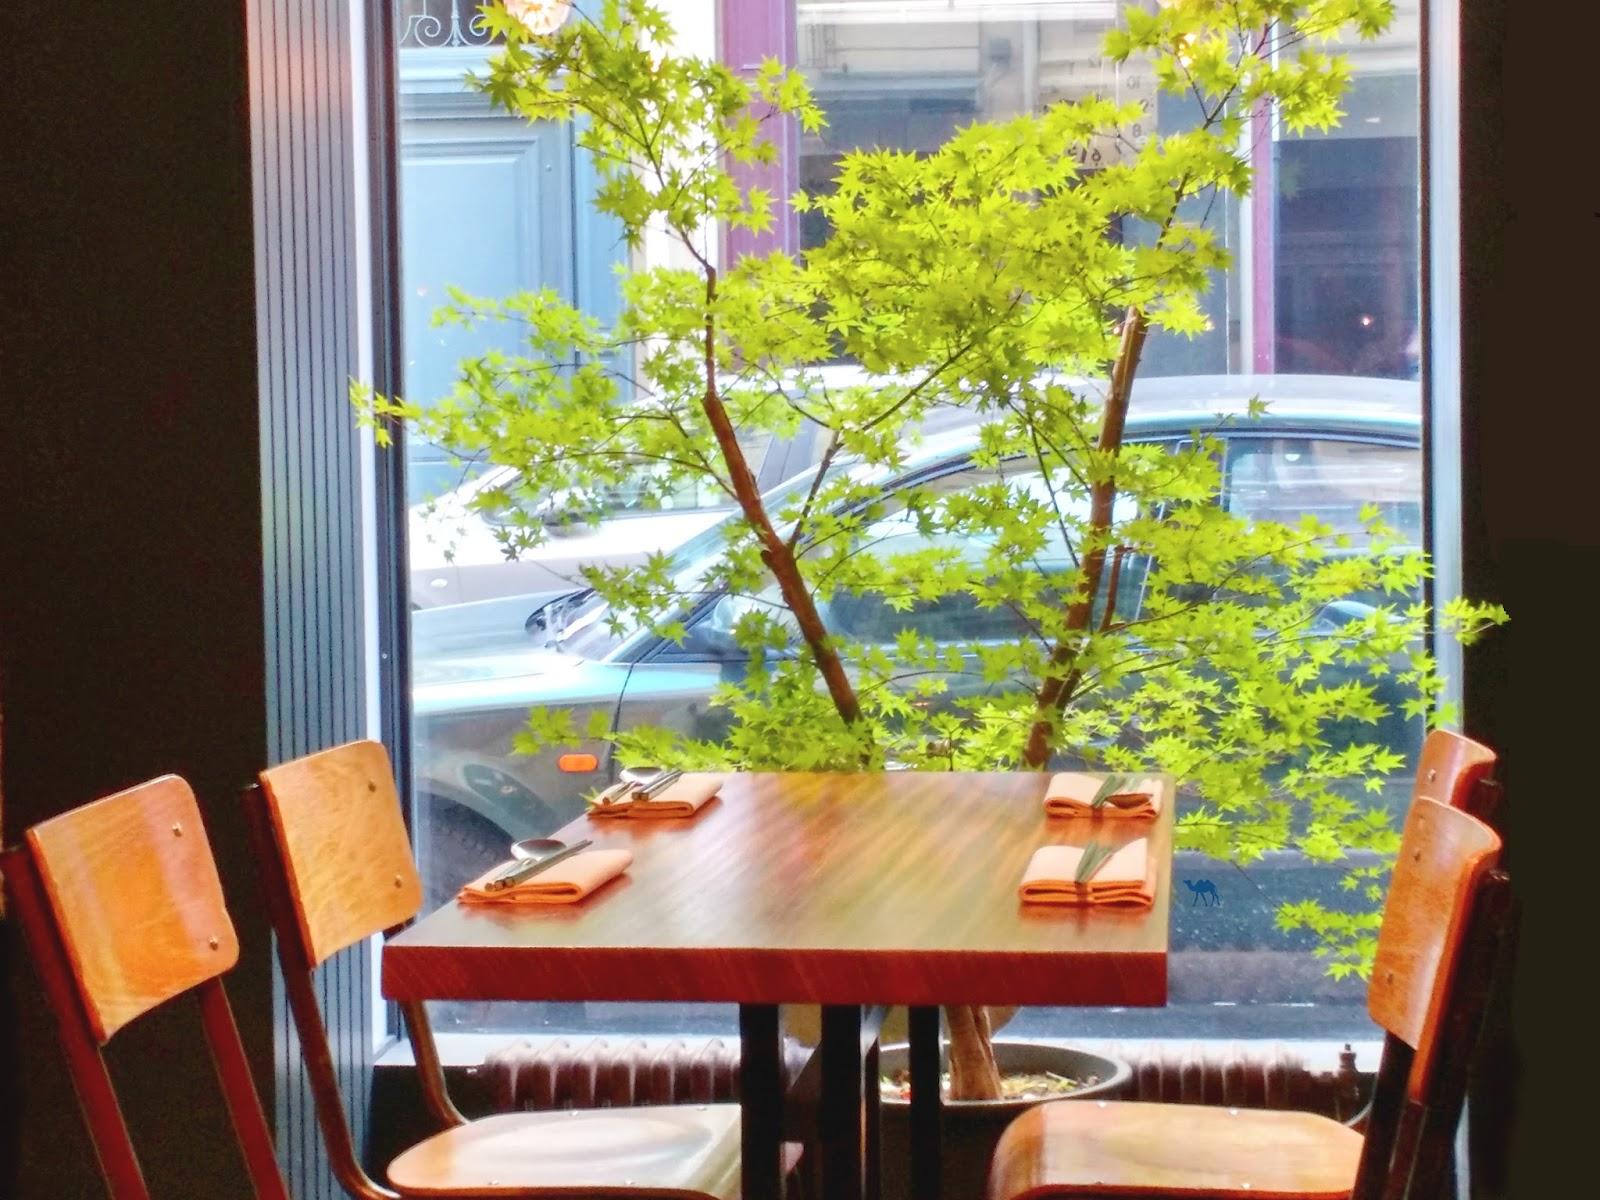 Le Chameau Bleu - Blog Gastronomie et Voyage  Bistrot coréen Mee - Restaurant Coréen Paris